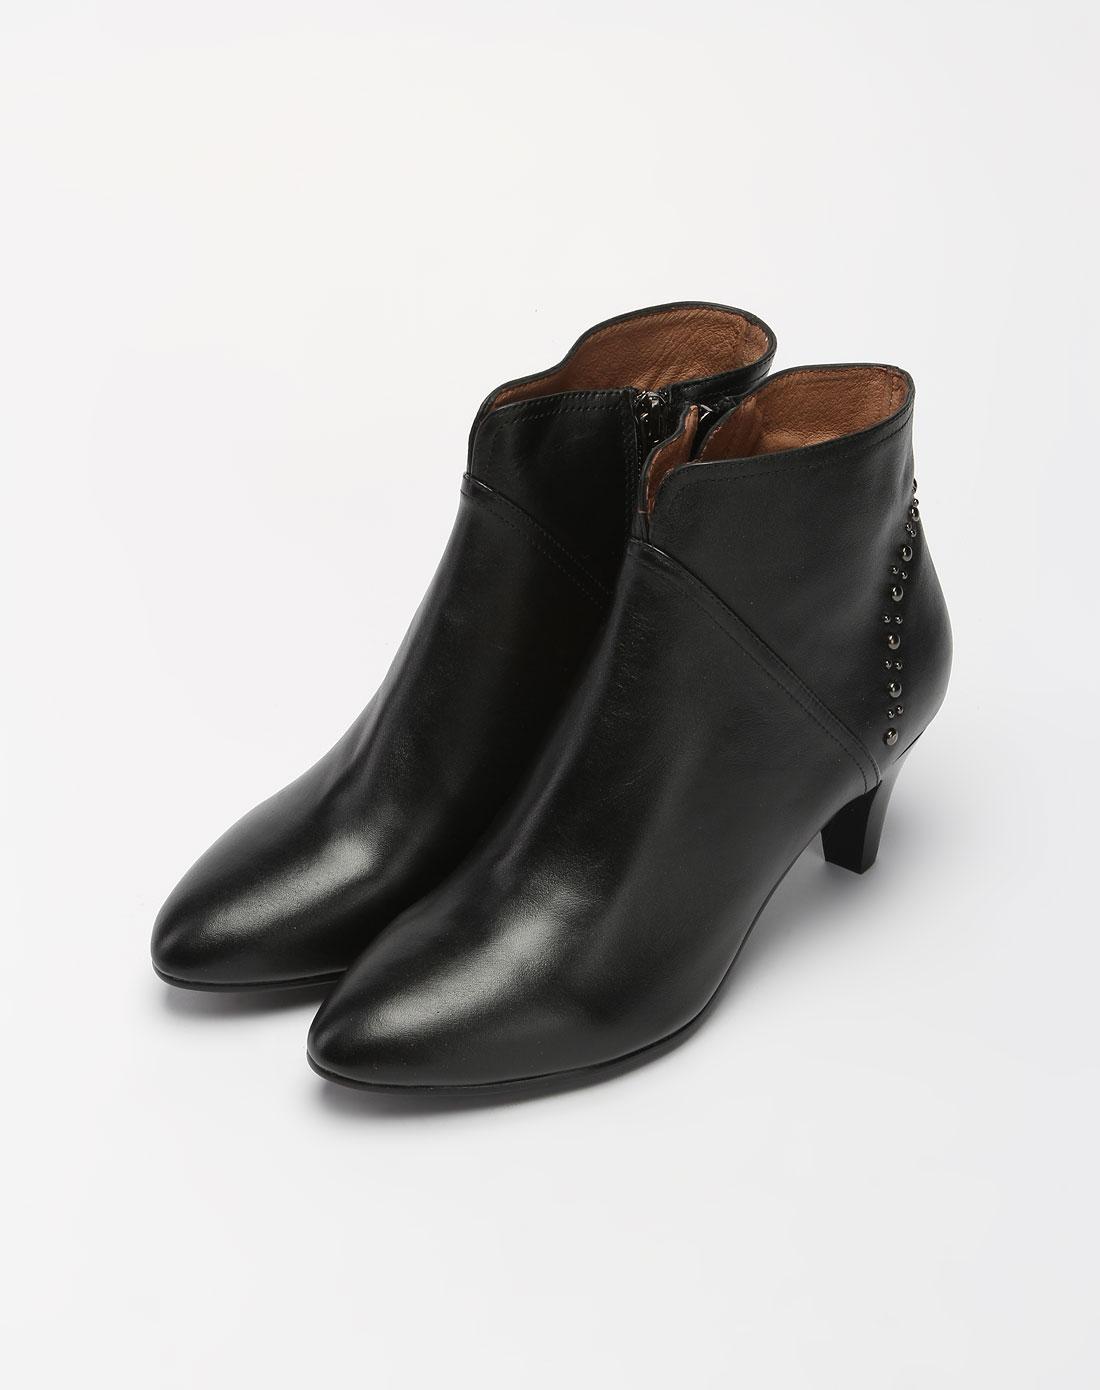 哈森harson女鞋专场-女款黑色简约高跟短靴图片